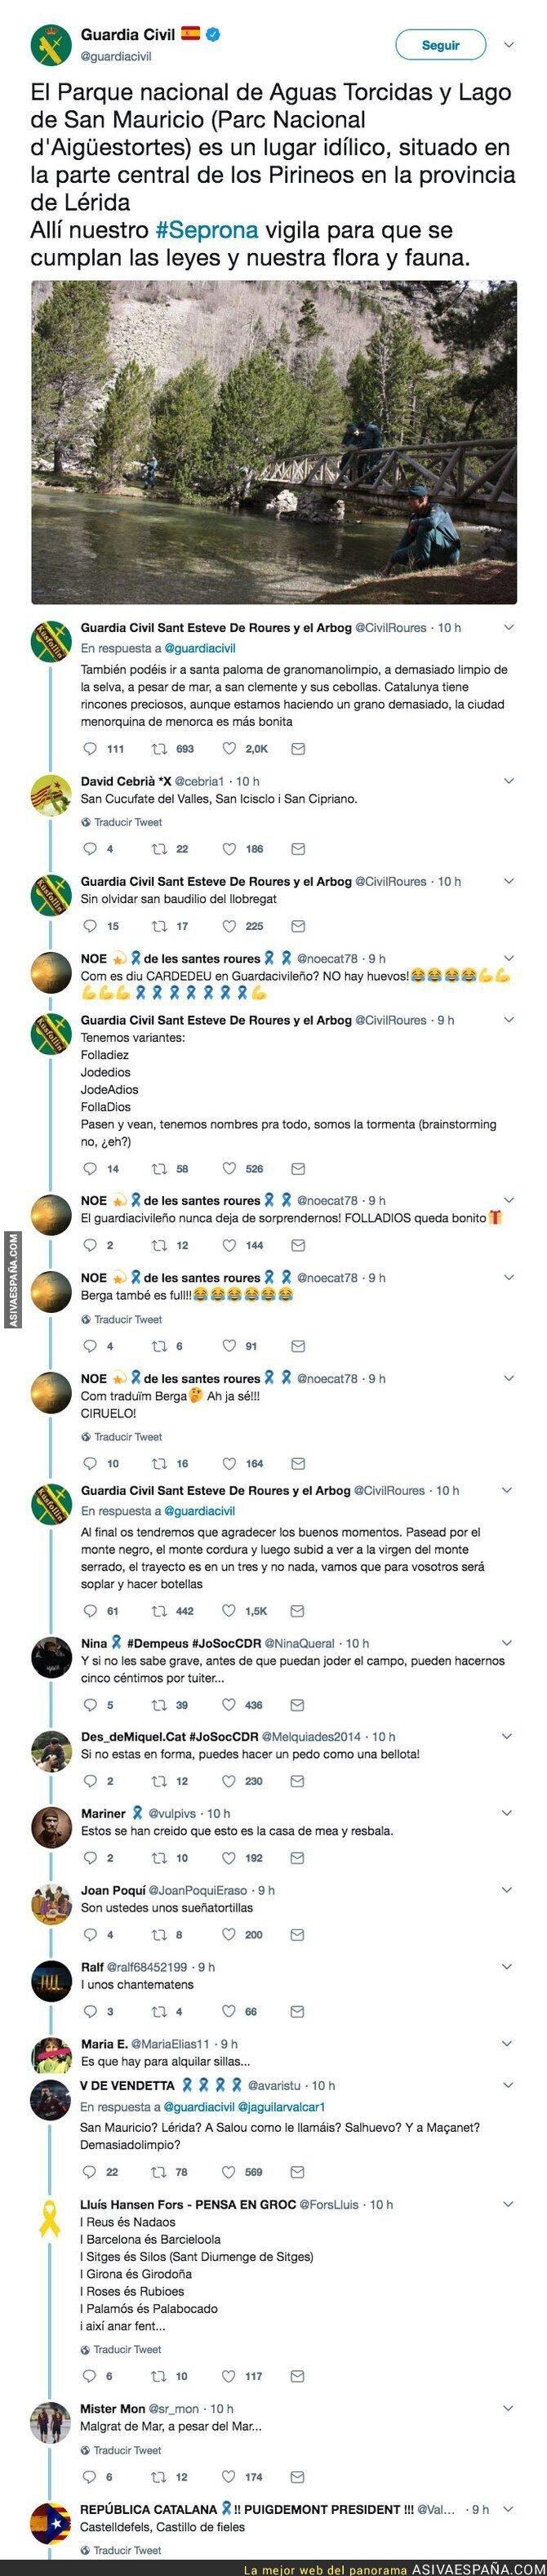 86607 - Cachondeo en Twitter porque la Guardia Civil está traduciendo nombres de pueblos de Catalunya al castellano